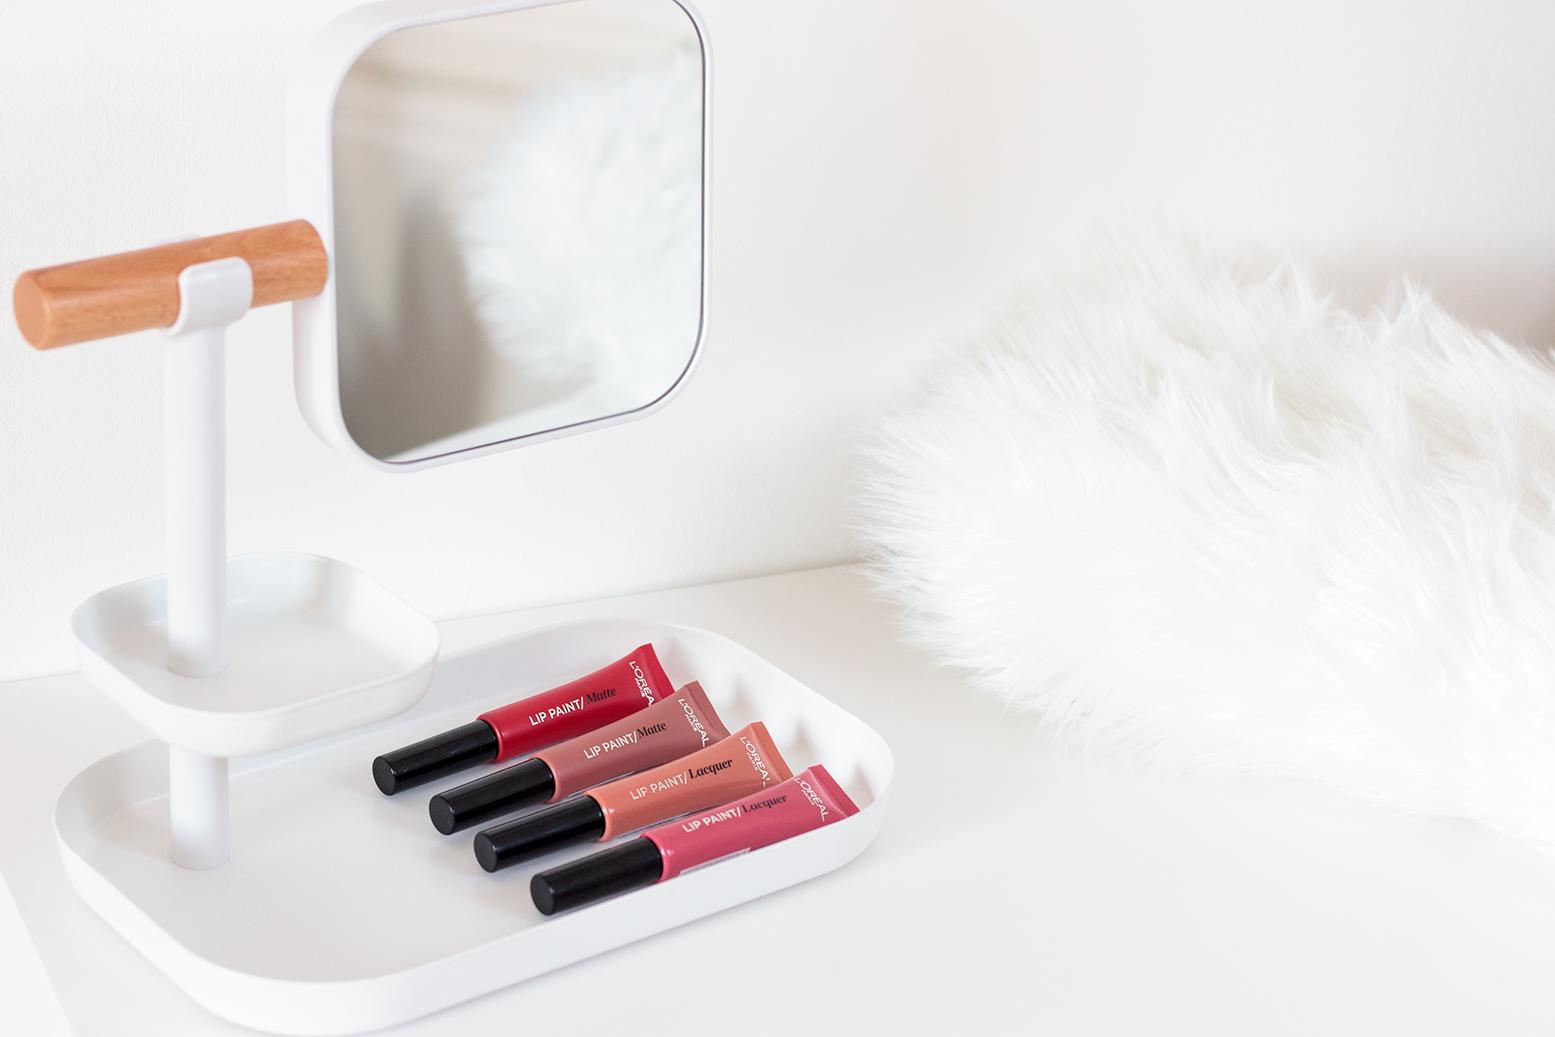 L'oréal lip paint matte lacquer